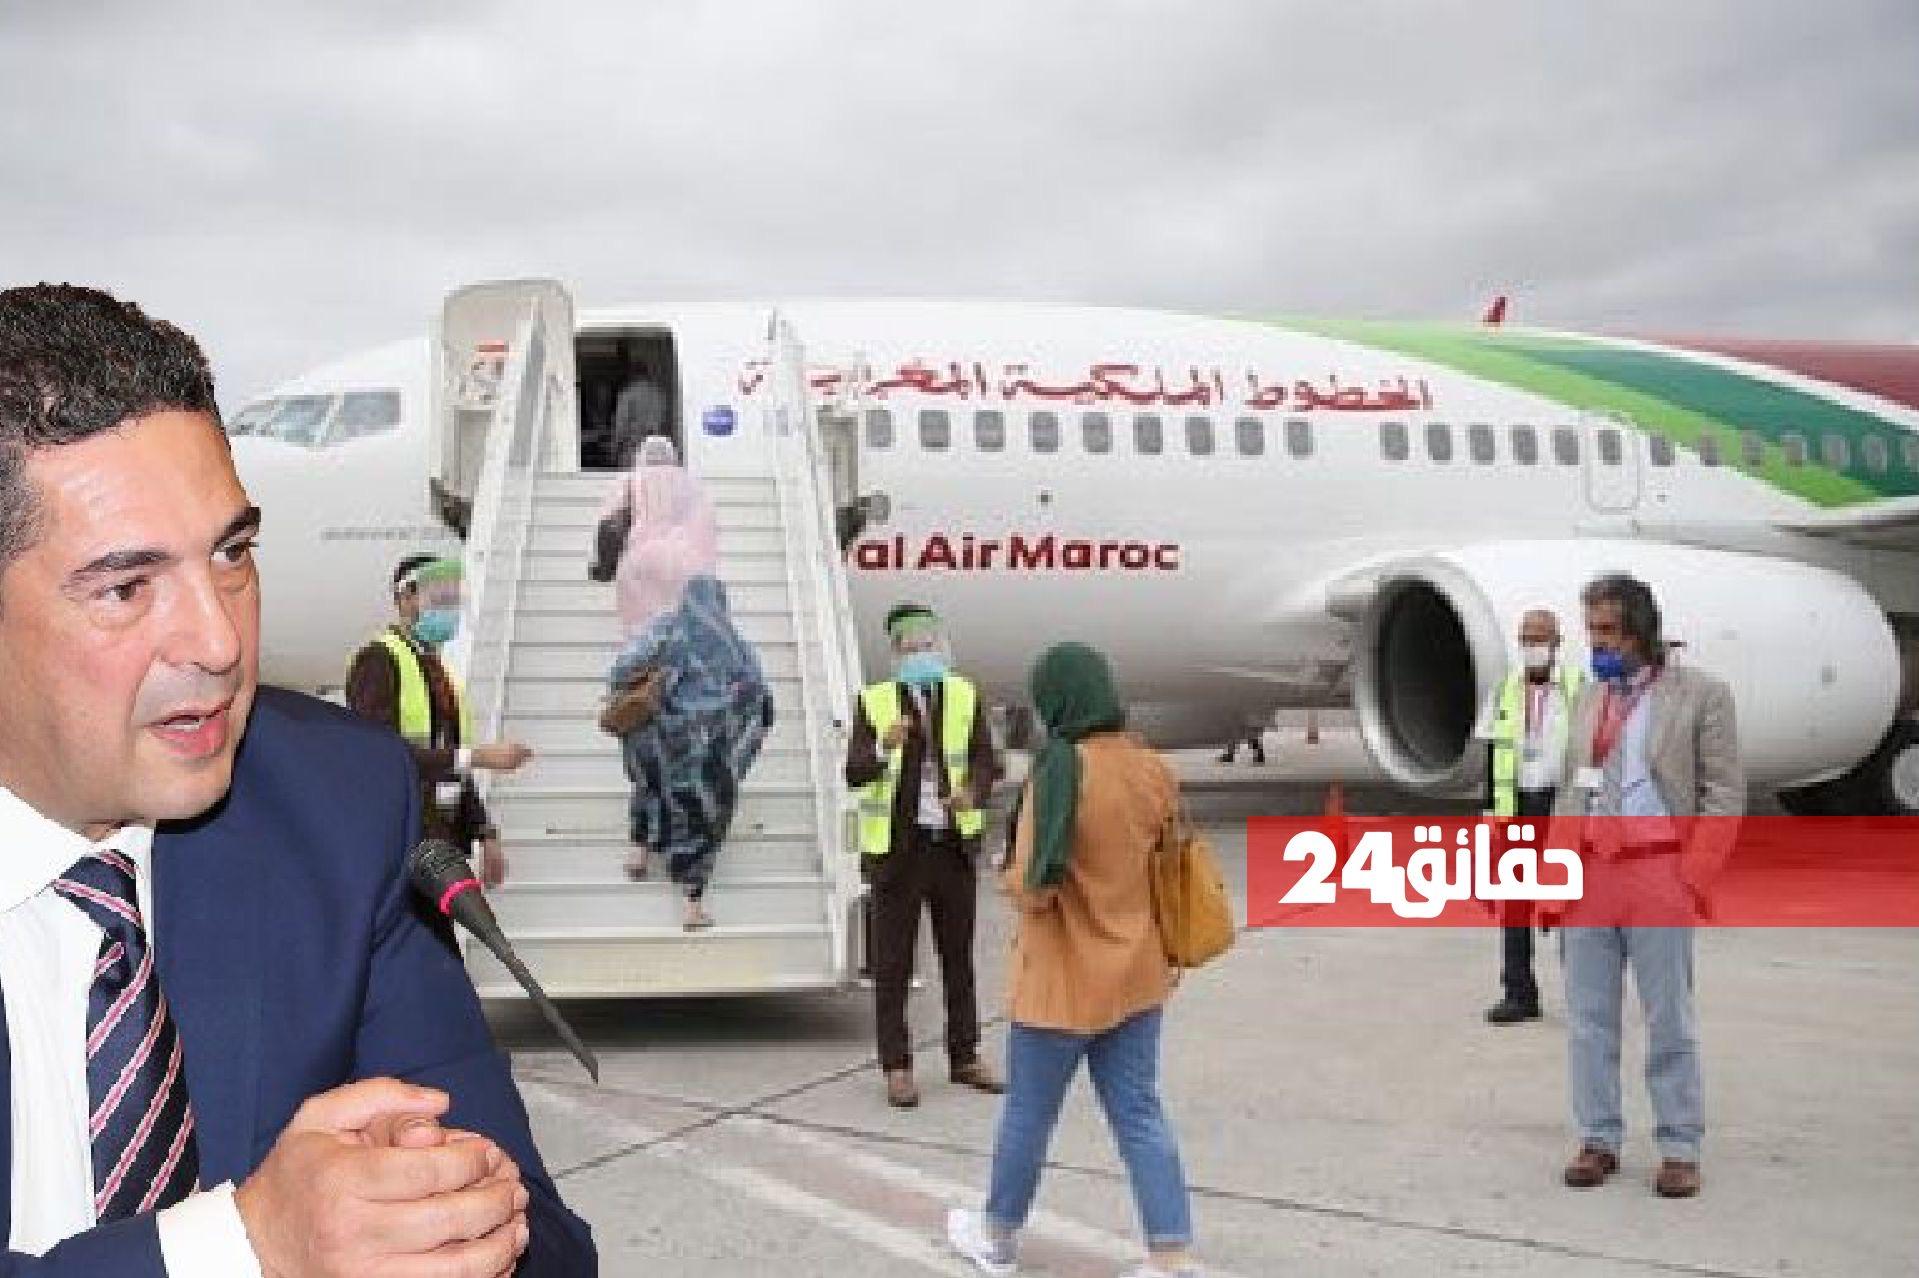 صورة وزارة أمزازي تخصص تذاكر مجانية لطلبة الاقسام التحضرية من و إلى فرنسا